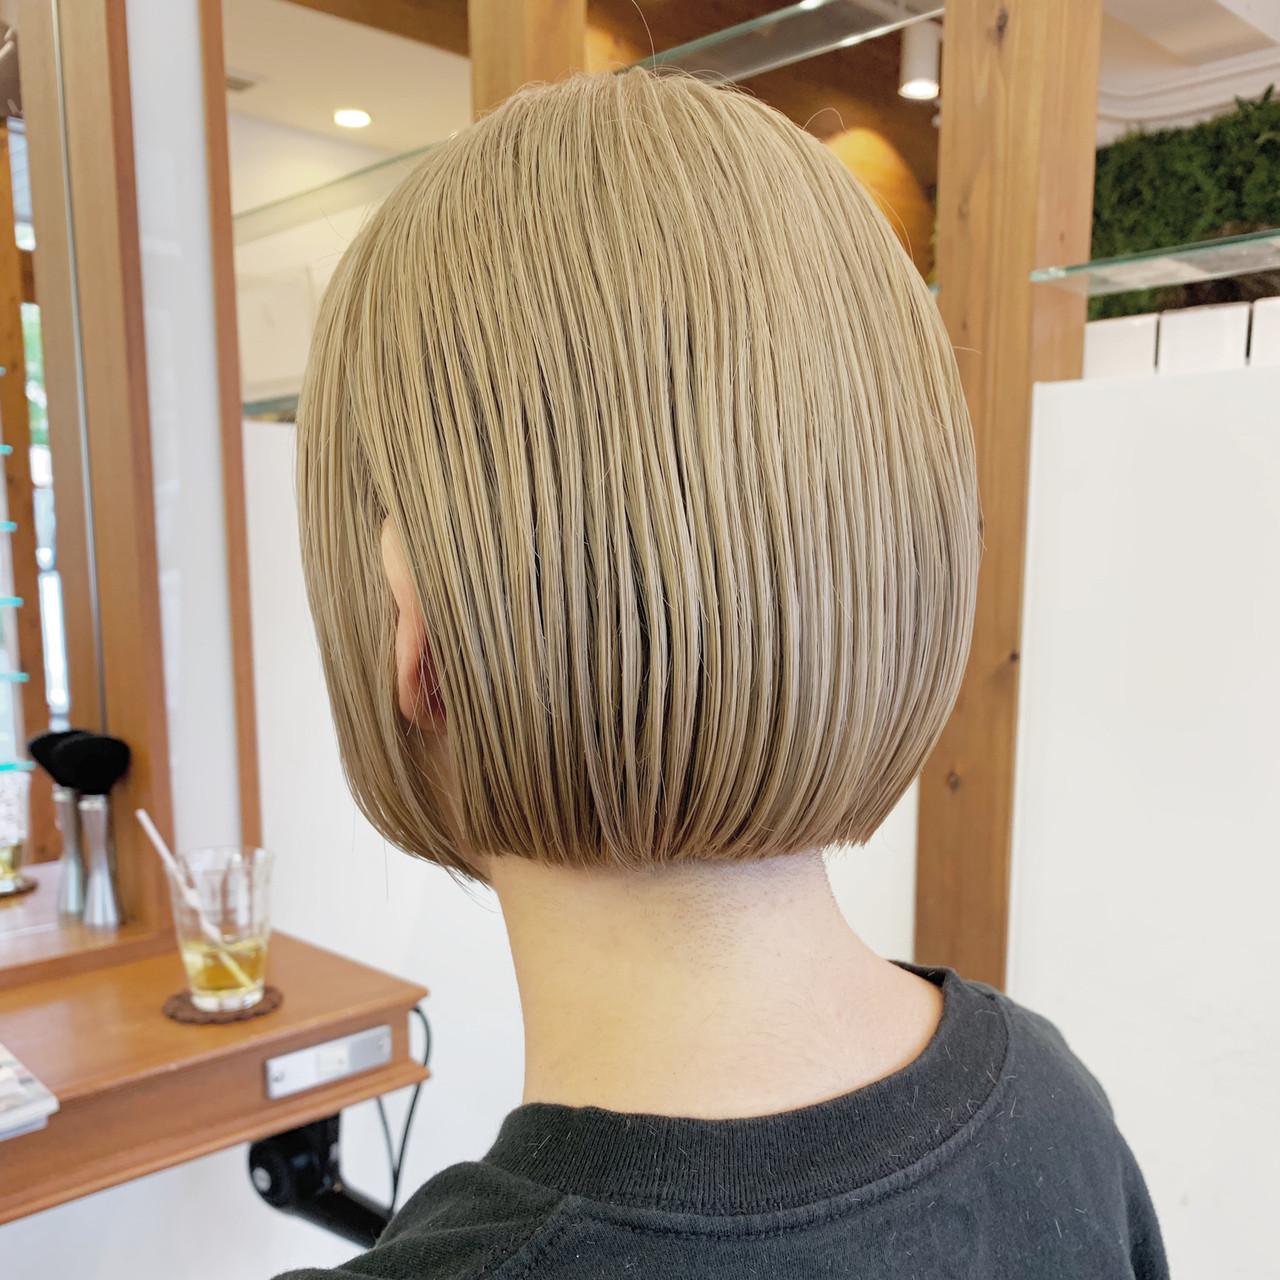 前下がりボブ まとまるボブ インナーカラー ナチュラル ヘアスタイルや髪型の写真・画像